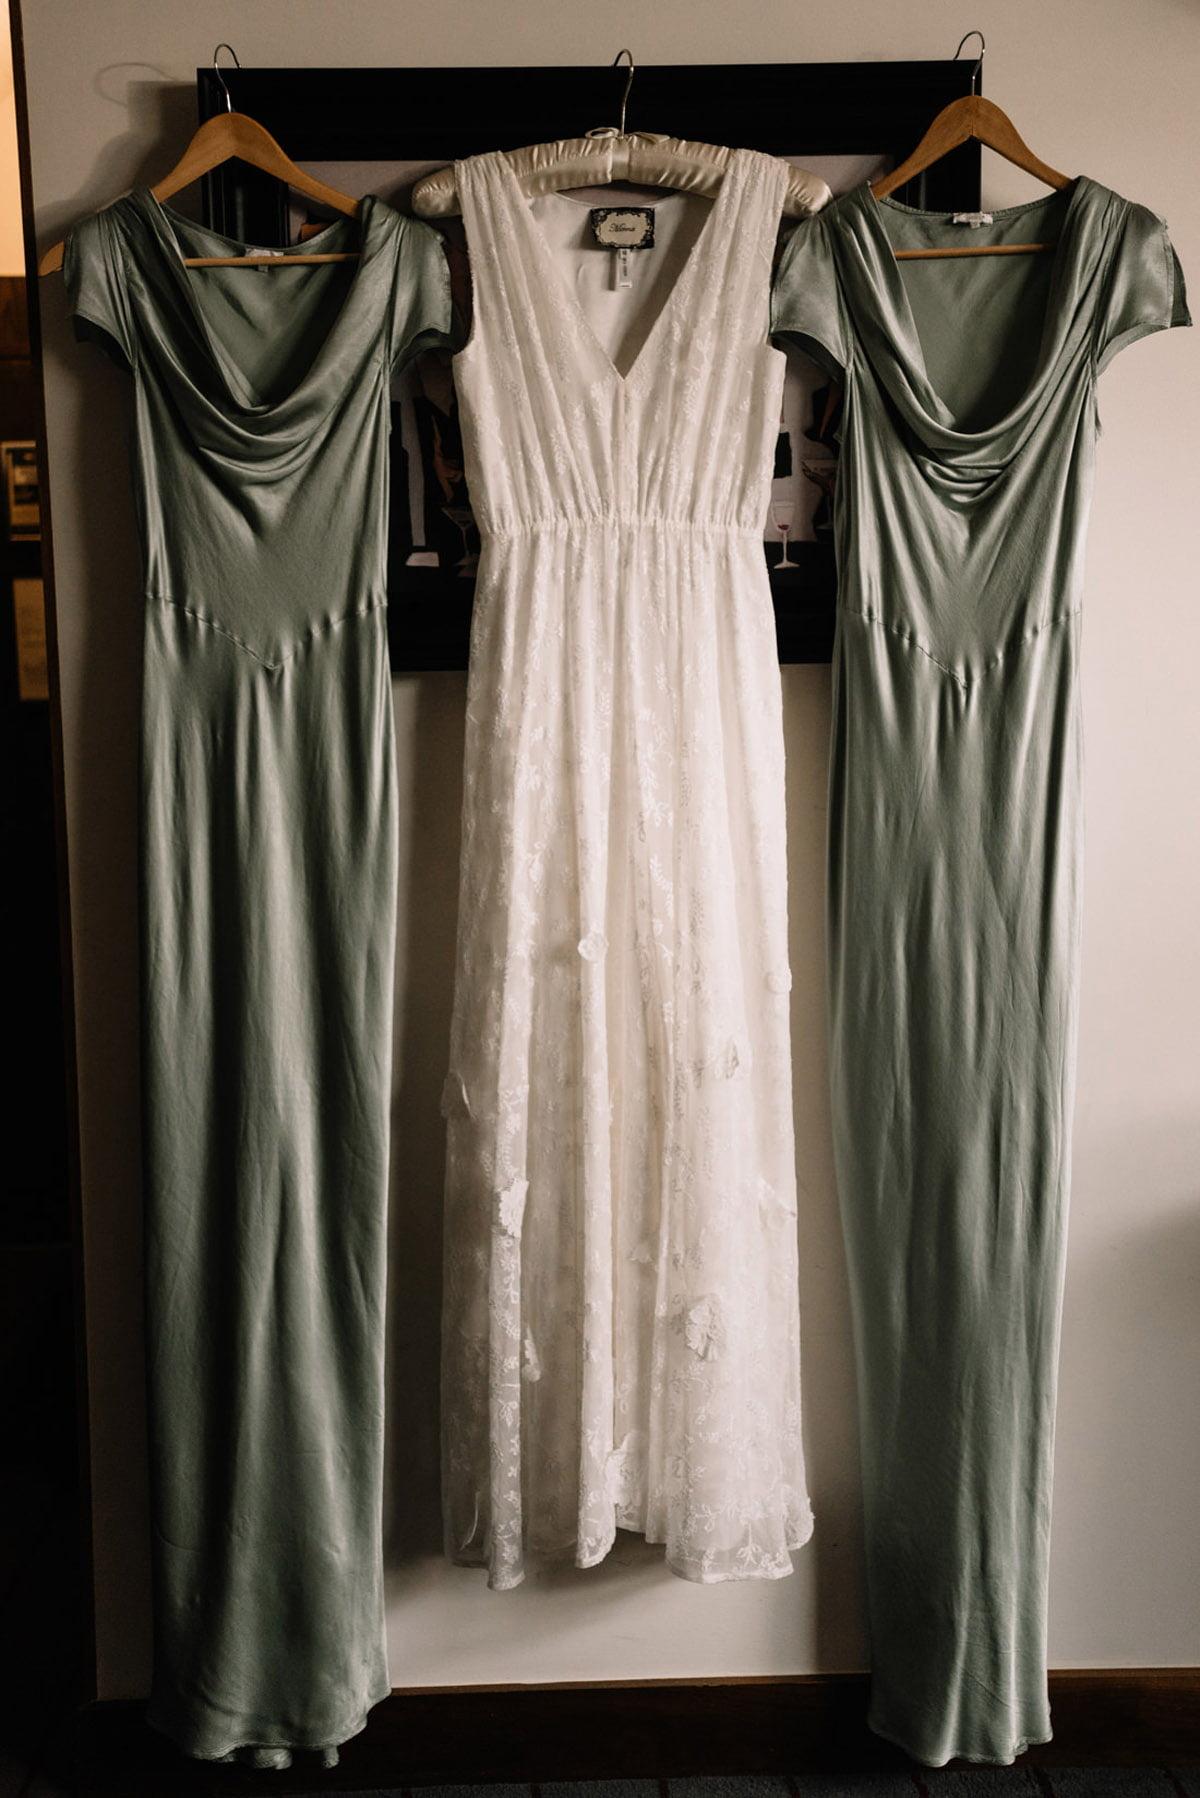 Trinity College Wedding - Getting Ready